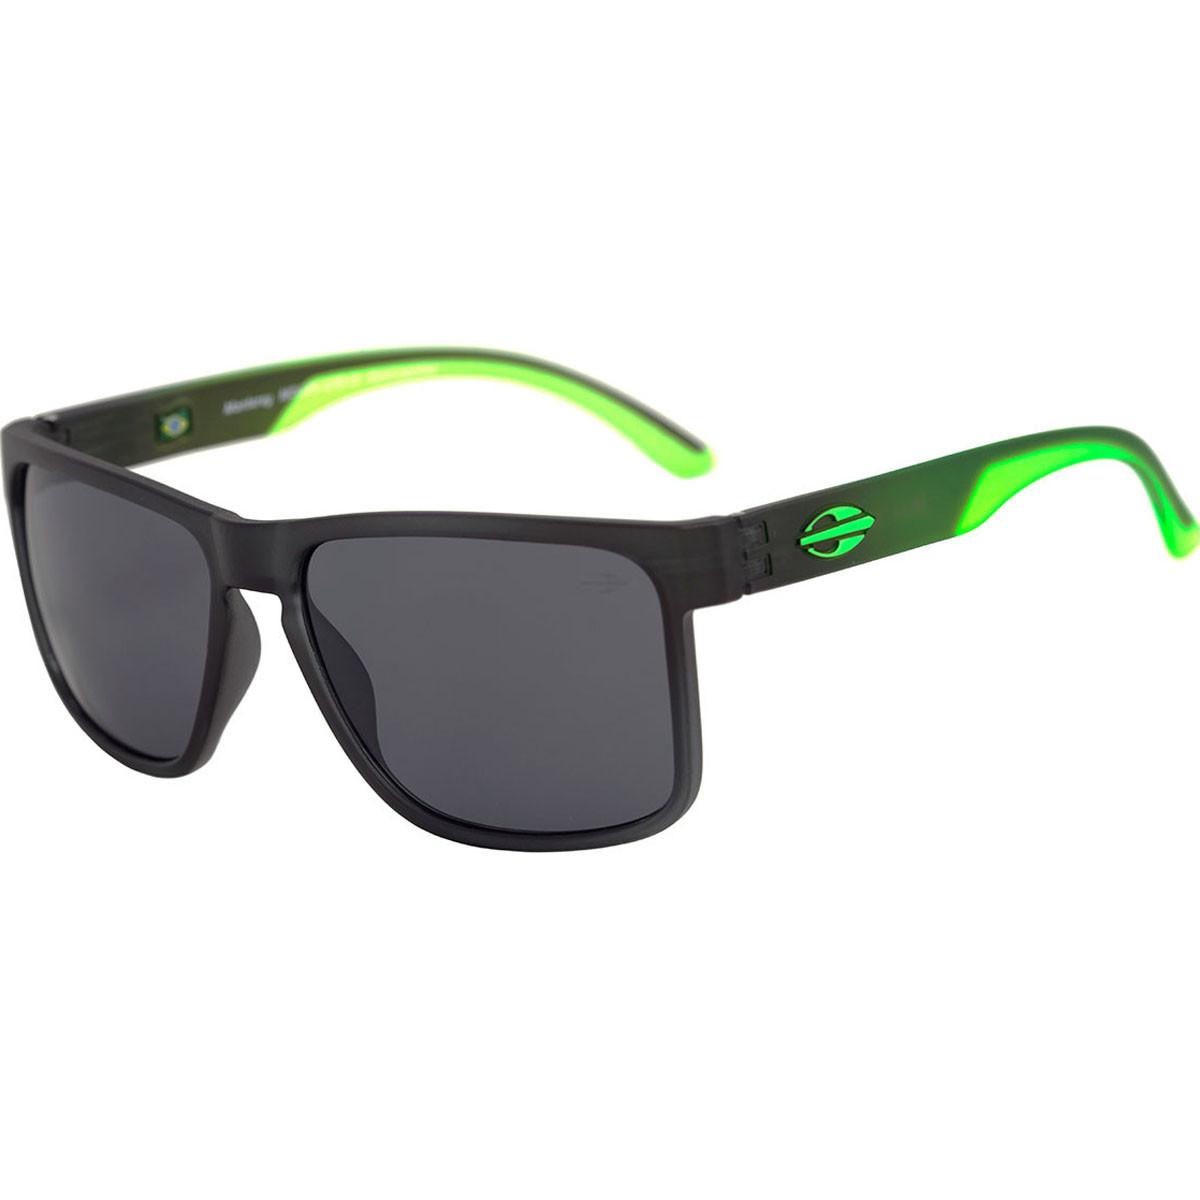 Óculos Mormaii Monterey Fume Translúcido  Lente Cinza ref M0029D7801 f2a379fd11